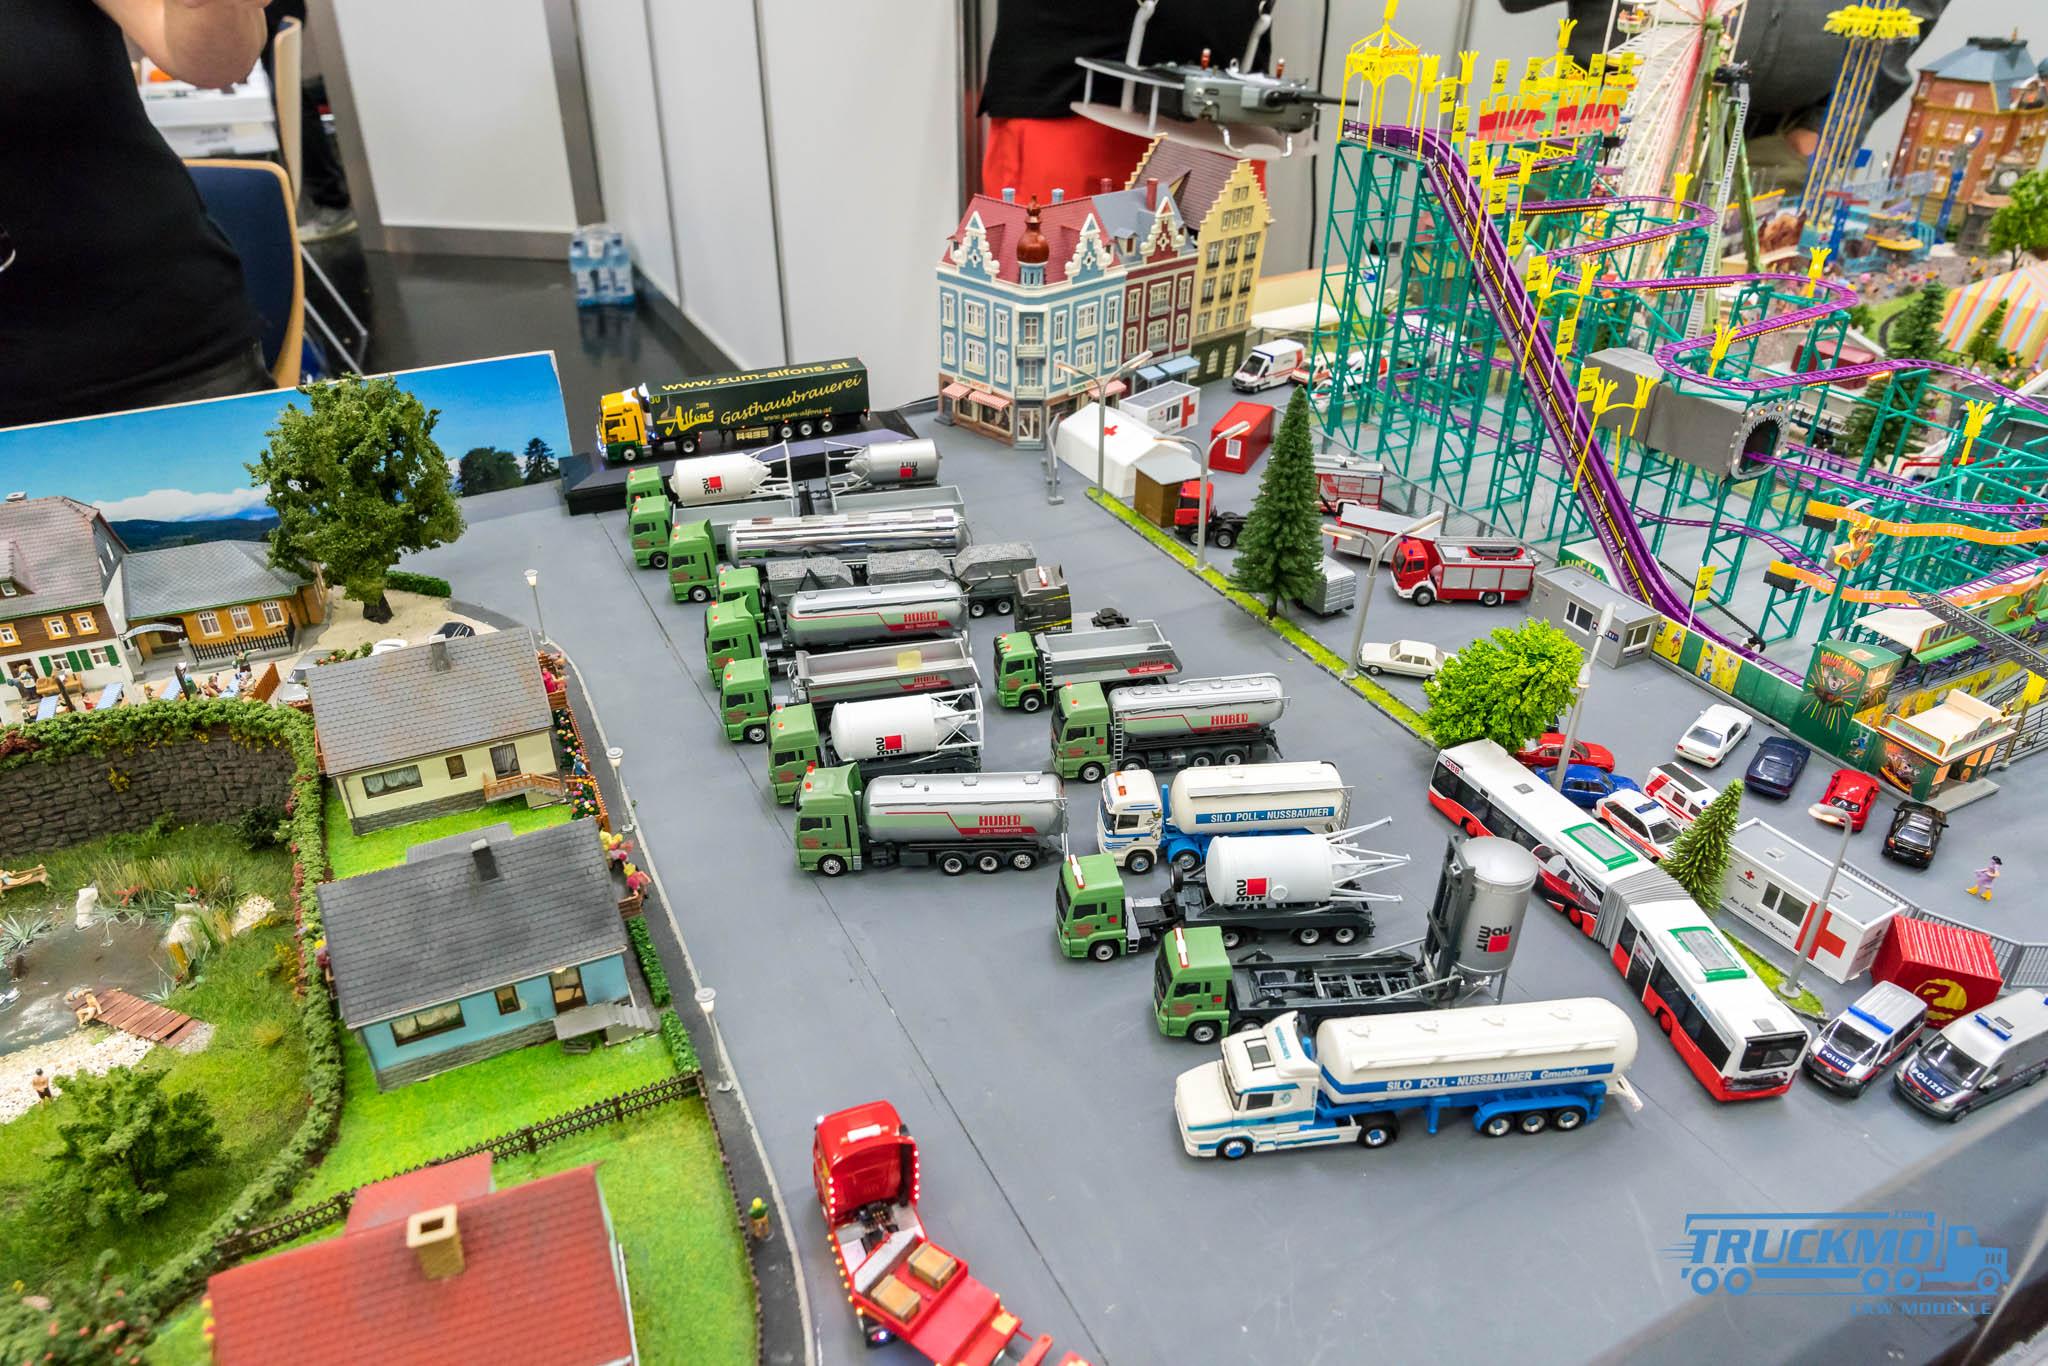 Truckmo_Modellbau_Ried_2017_Herpa_Messe_Modellbauausstellung (283 von 1177)